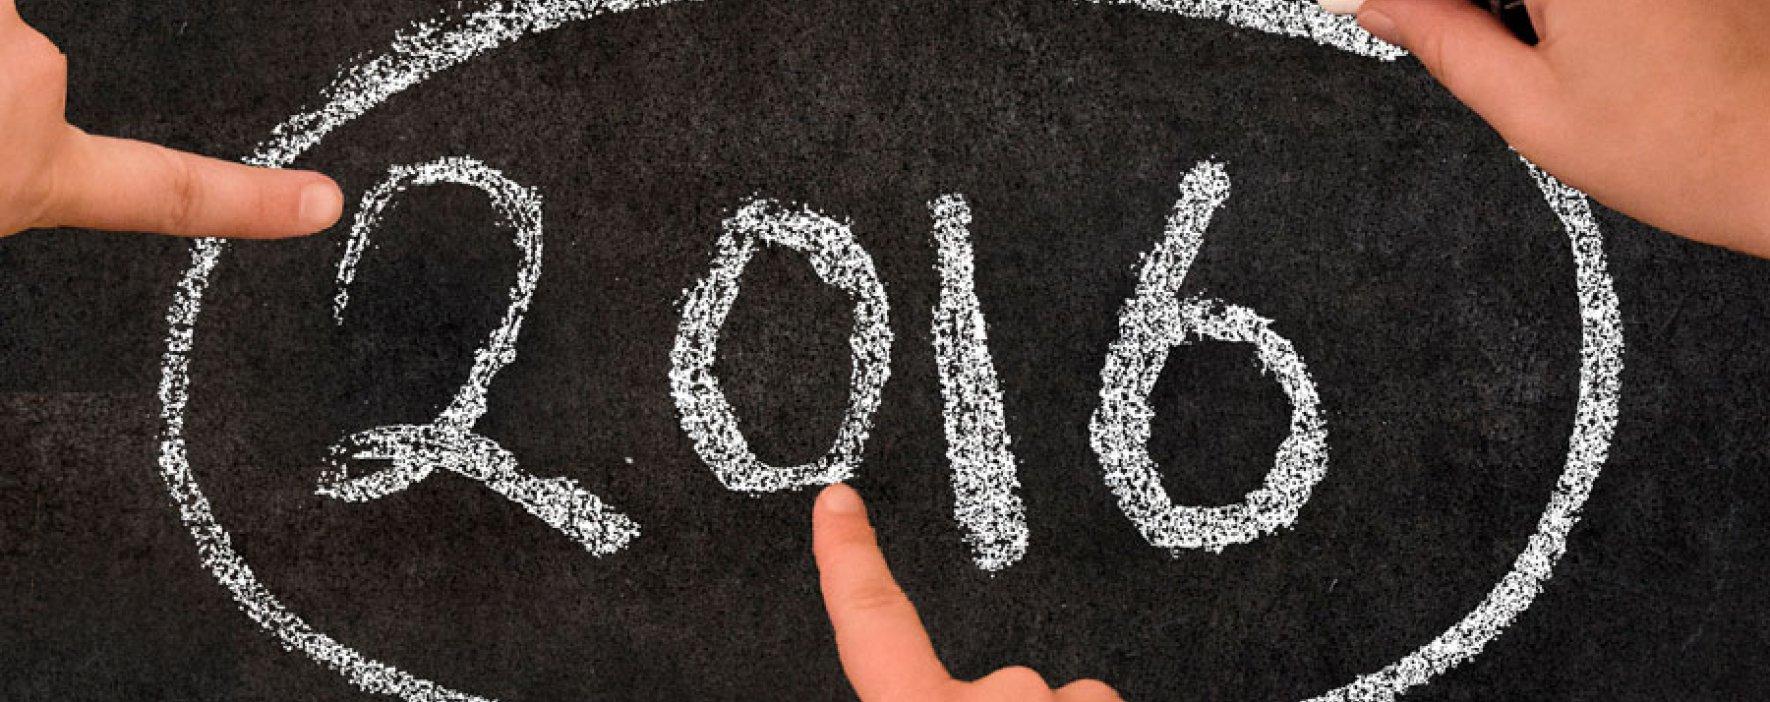 Educación: 4 grandes desafíos para 2016